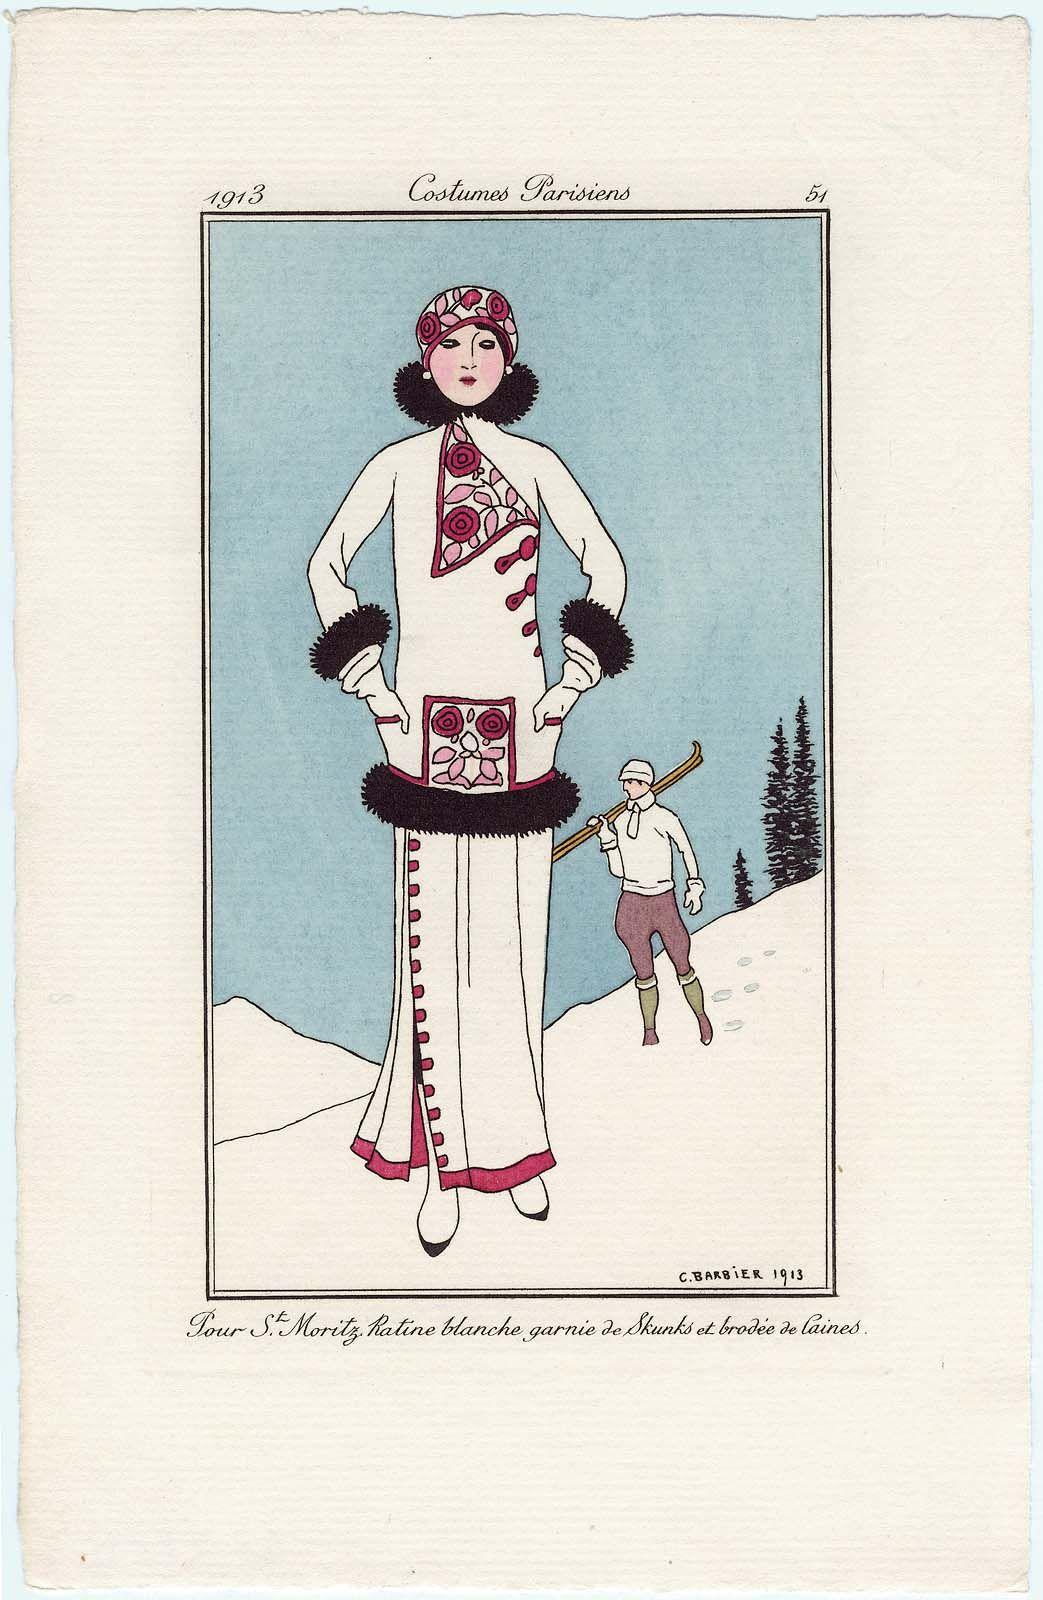 """*  """"Pour St. Moritz. Ratine blanche garnie de Skunks et brodée de laines,"""" plate 51 from Journal des Dames et des Modes 1913 - George Barbier"""